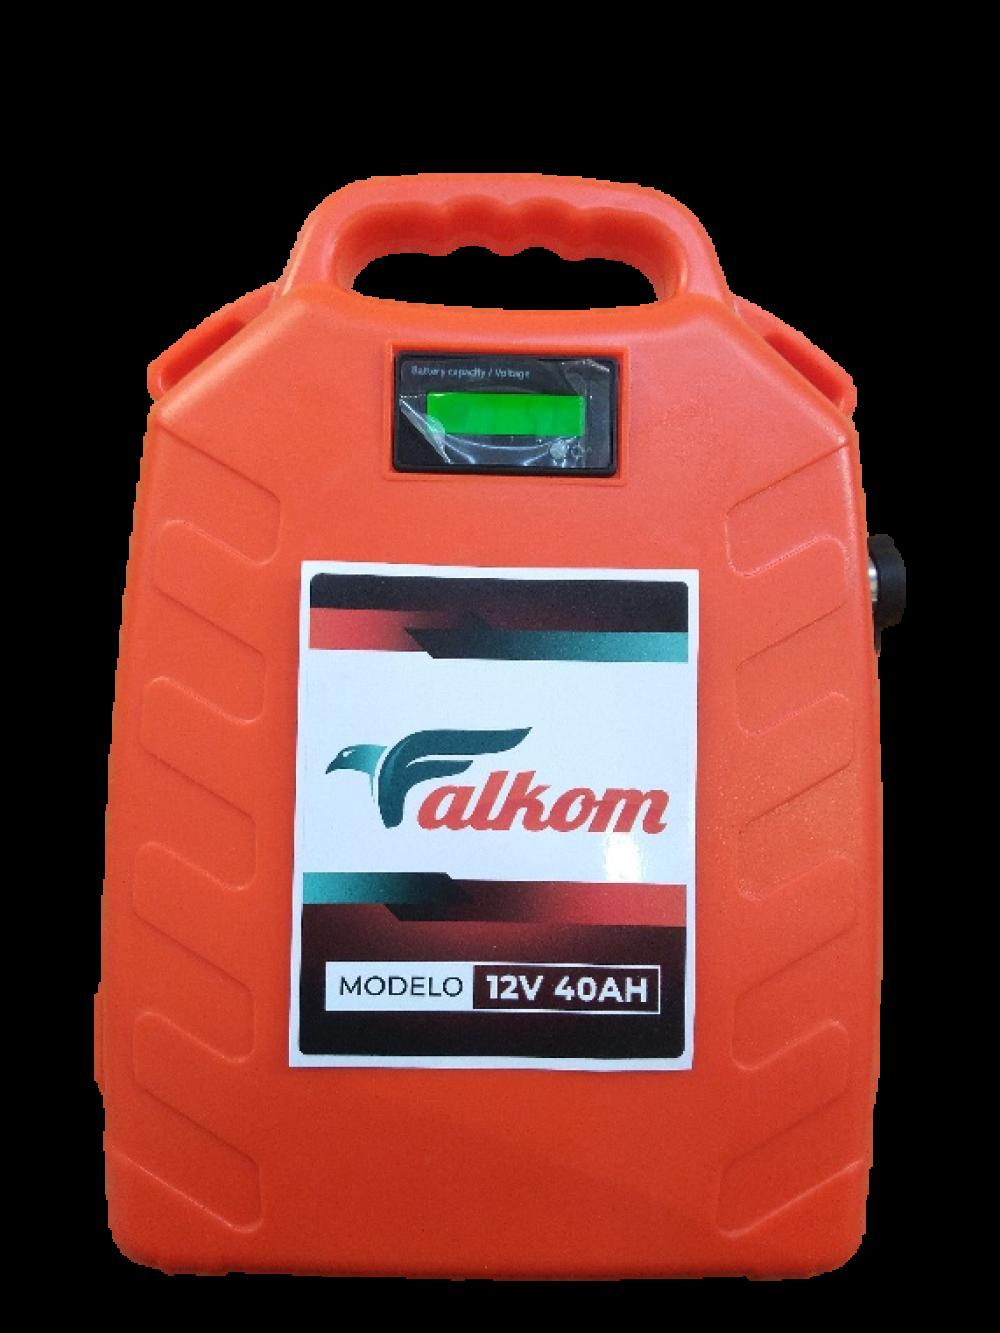 Mochila elétrica lítio 12v recarregável Falkom